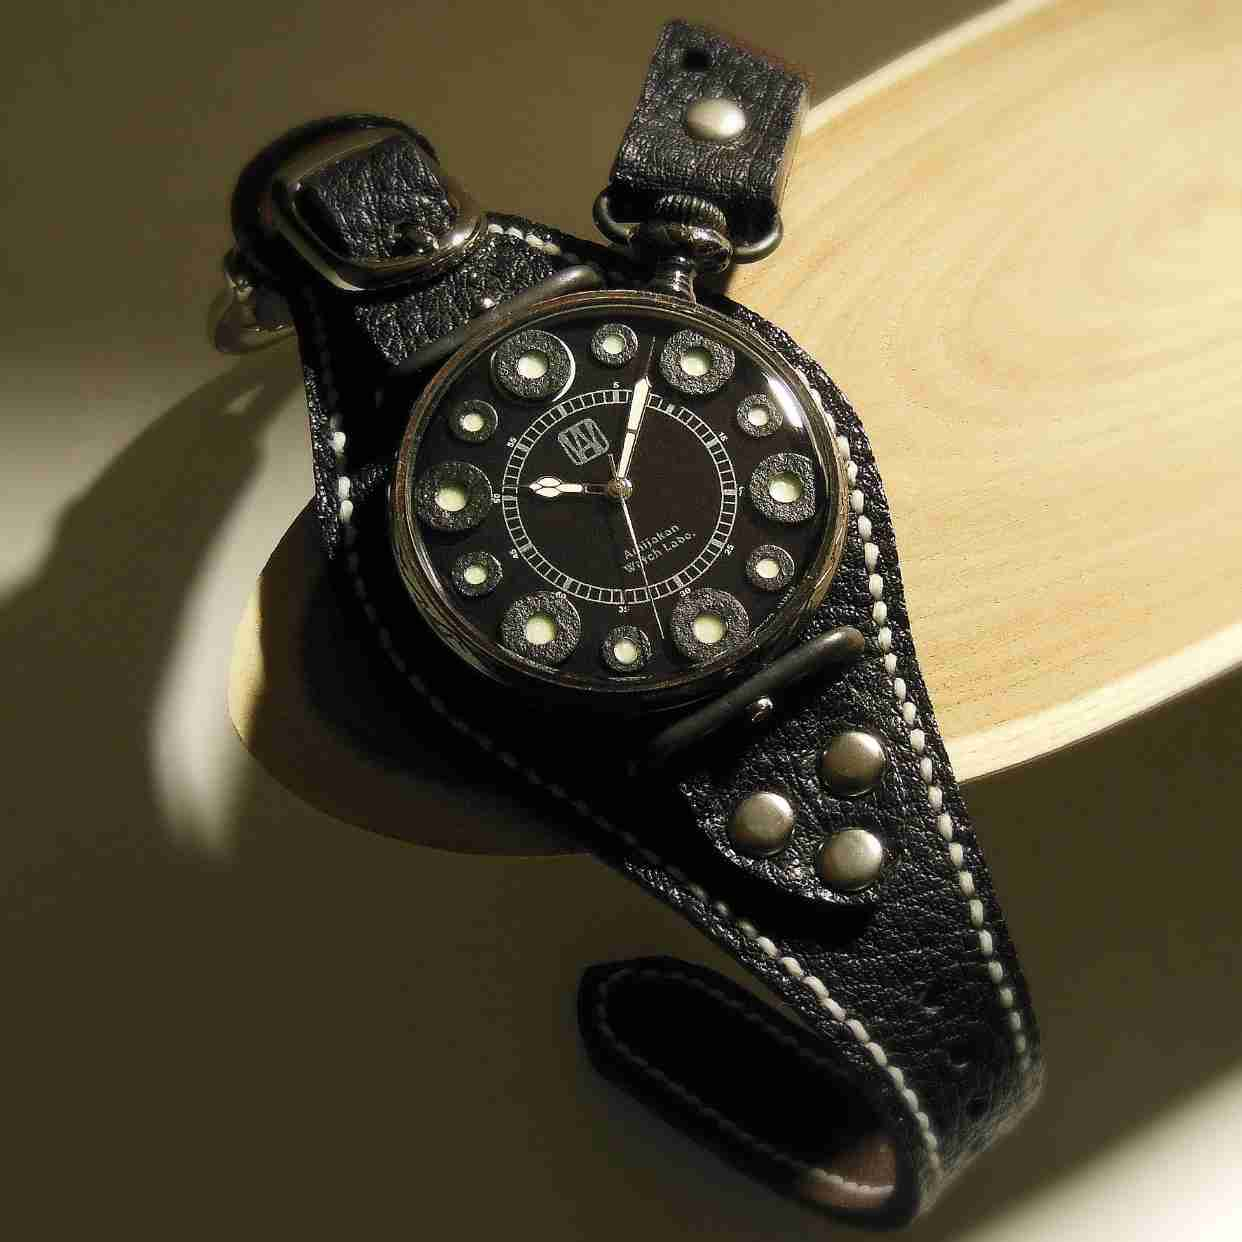 センス良い腕時計の画像を貼っていくトピ